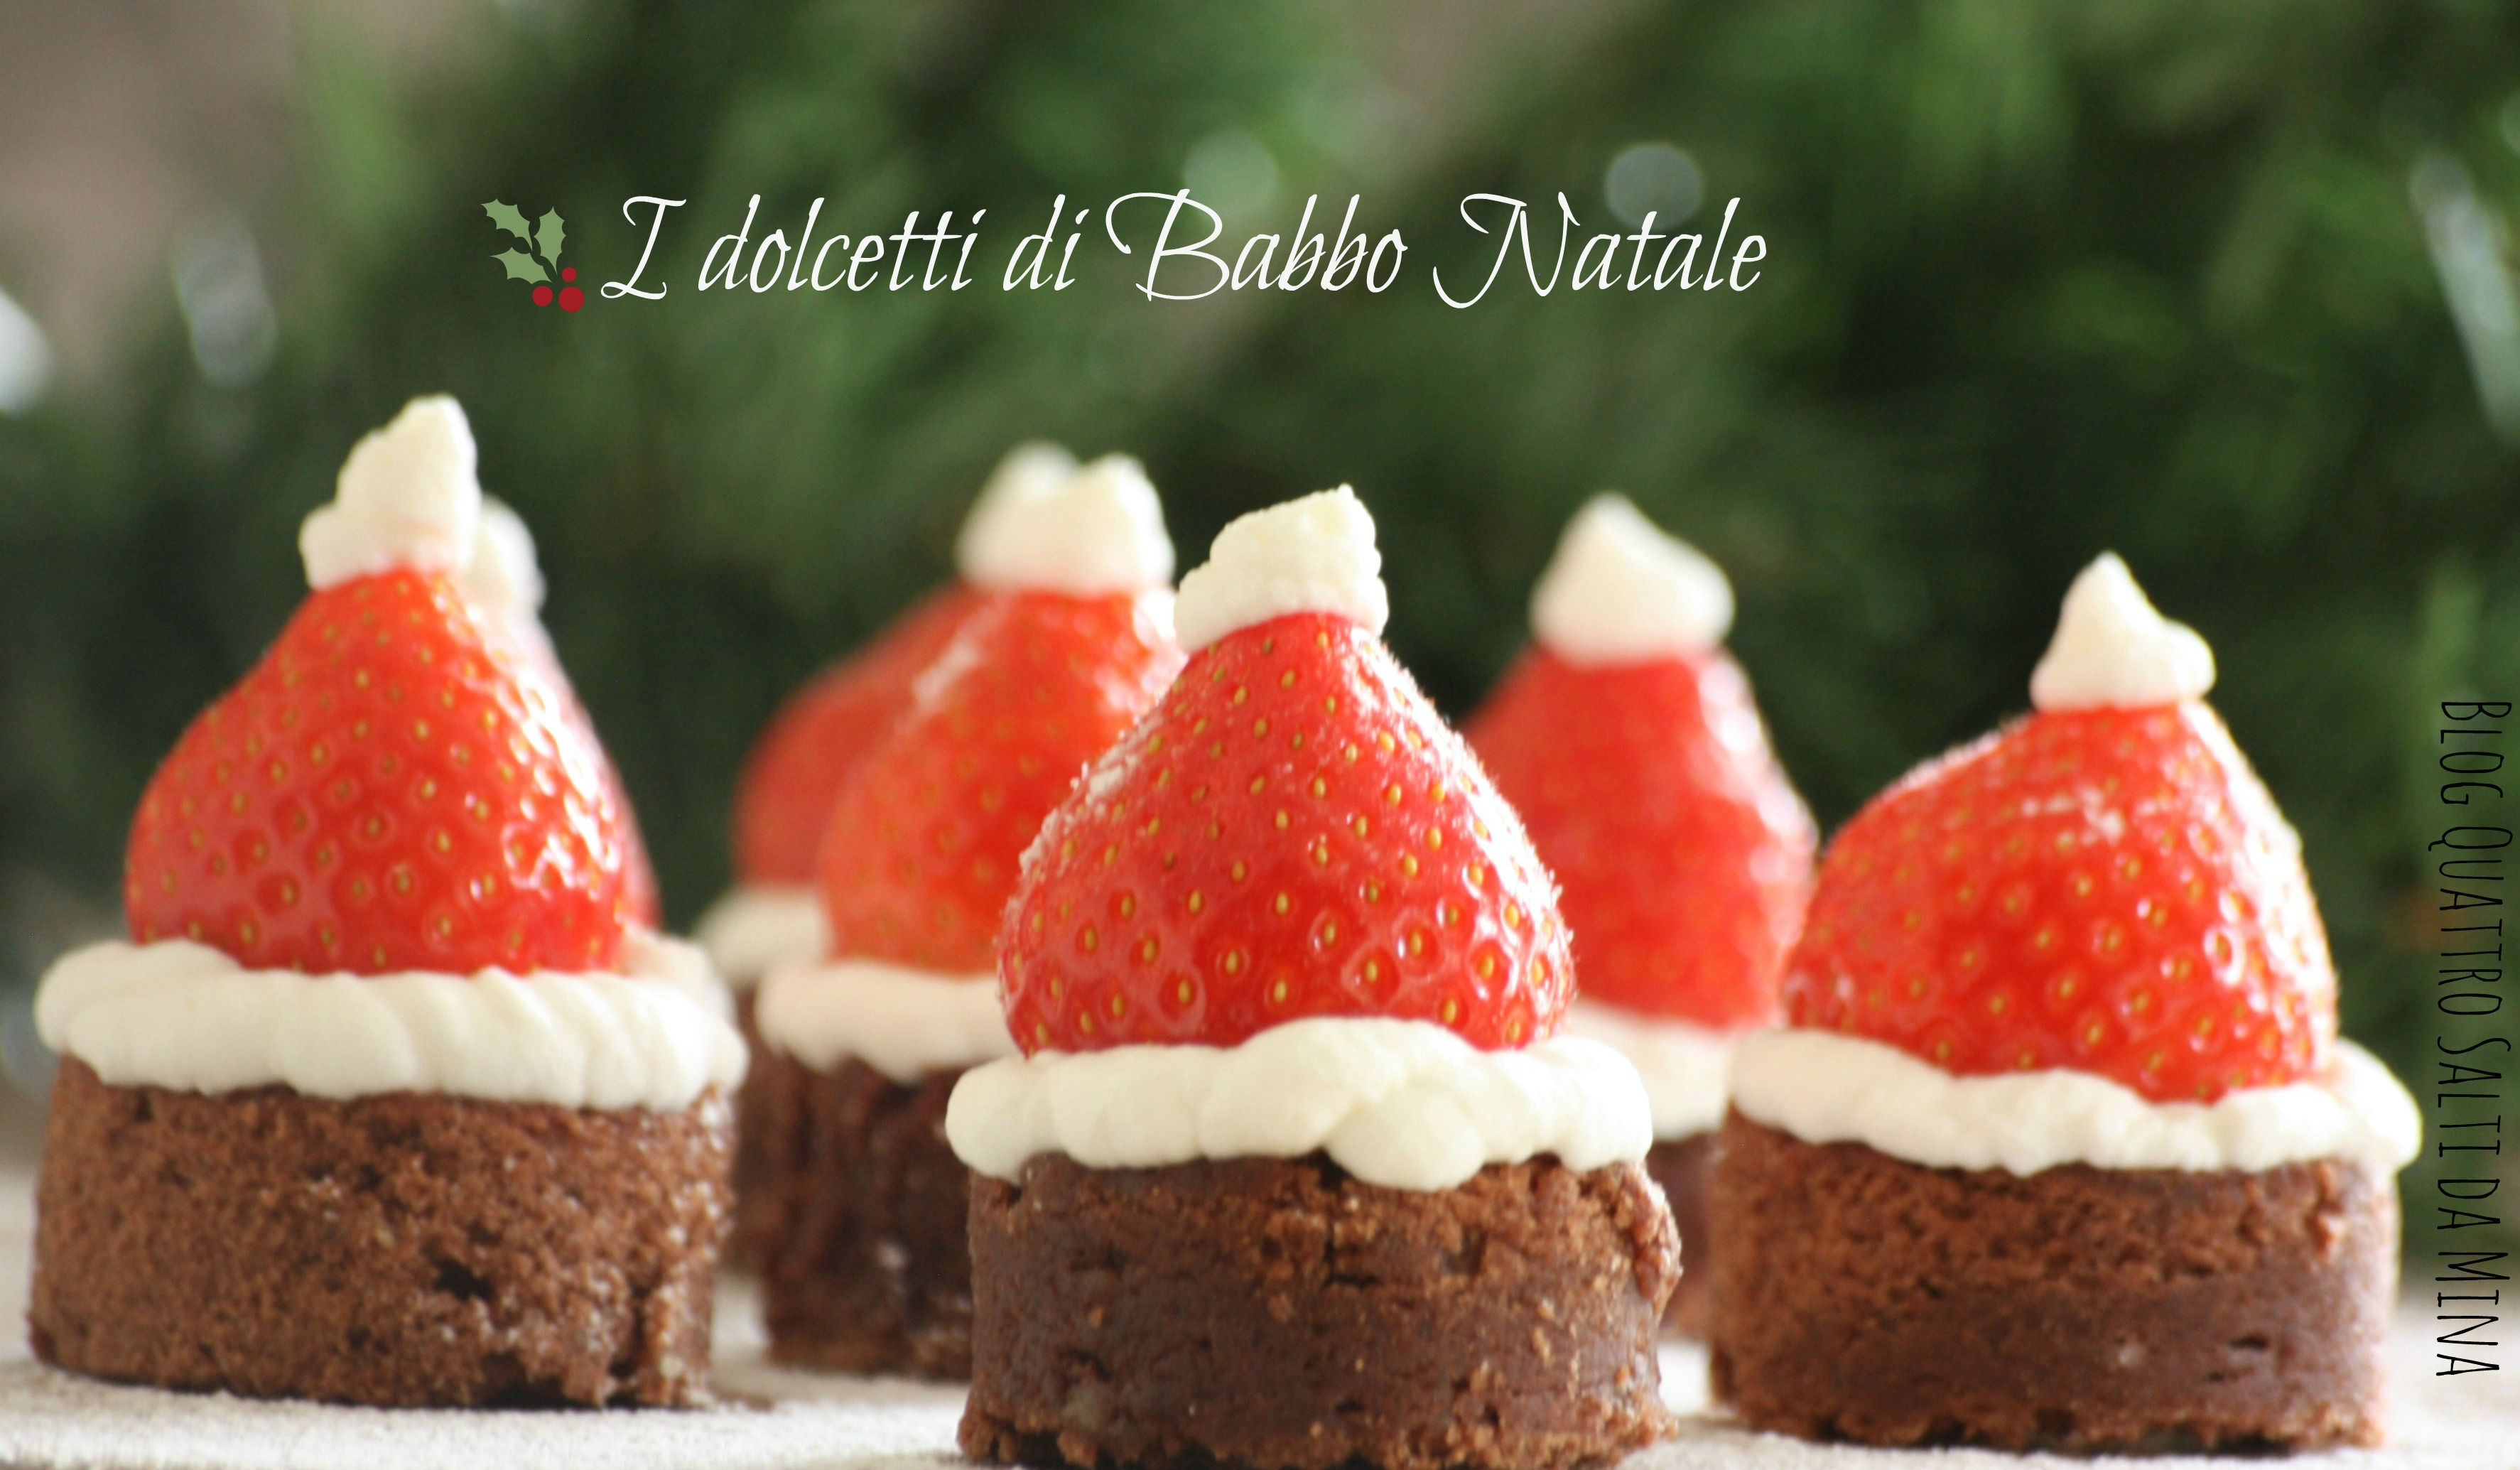 Célèbre I dolcetti di Babbo Natale   QUATTRO SALTI DA MINA EY76